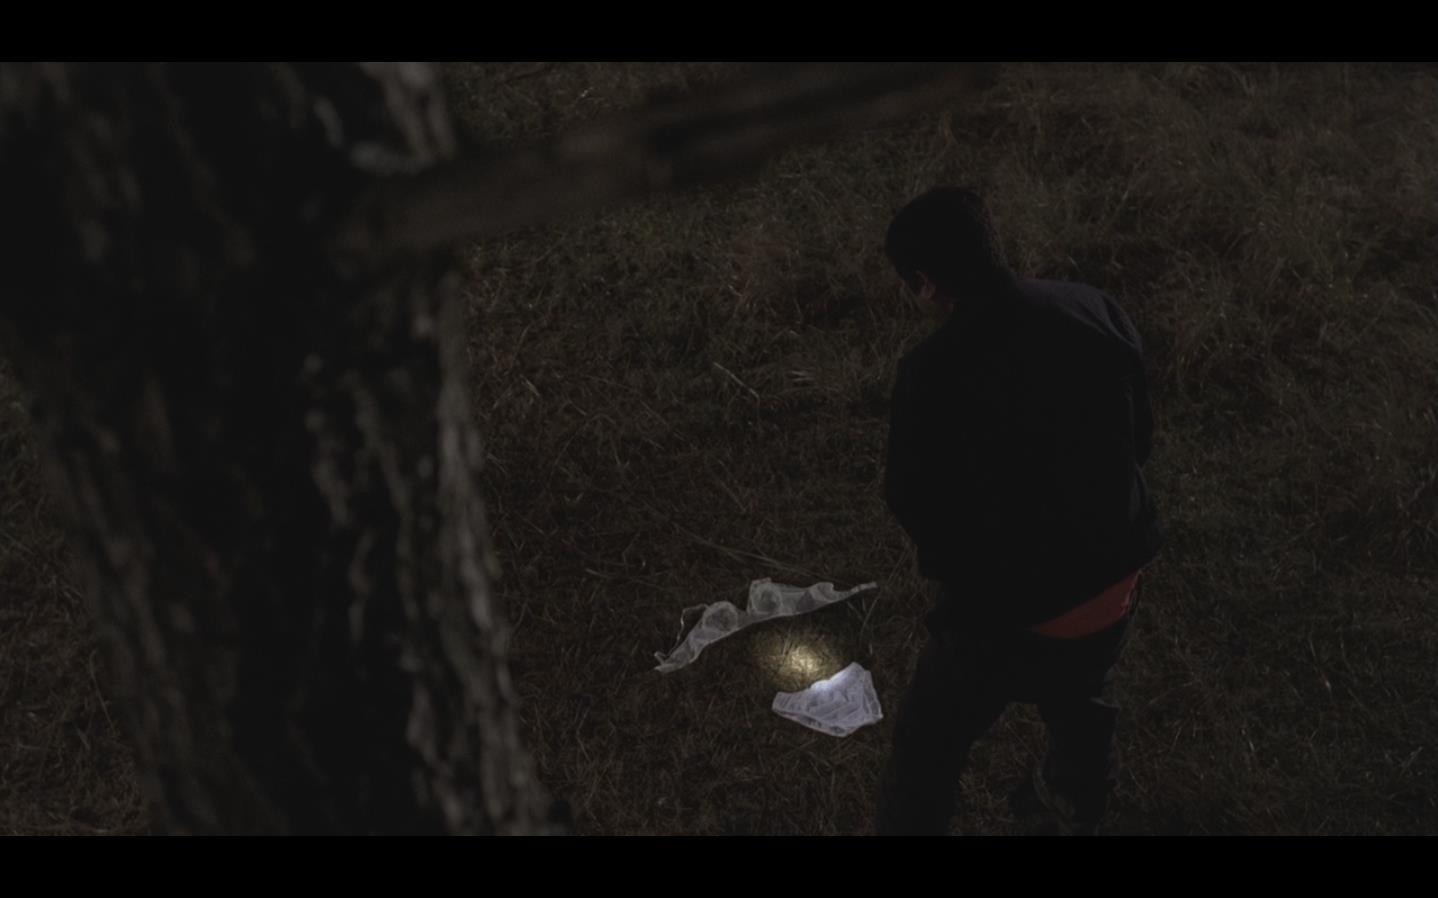 电影 杀人回忆 在哪里可以观看到